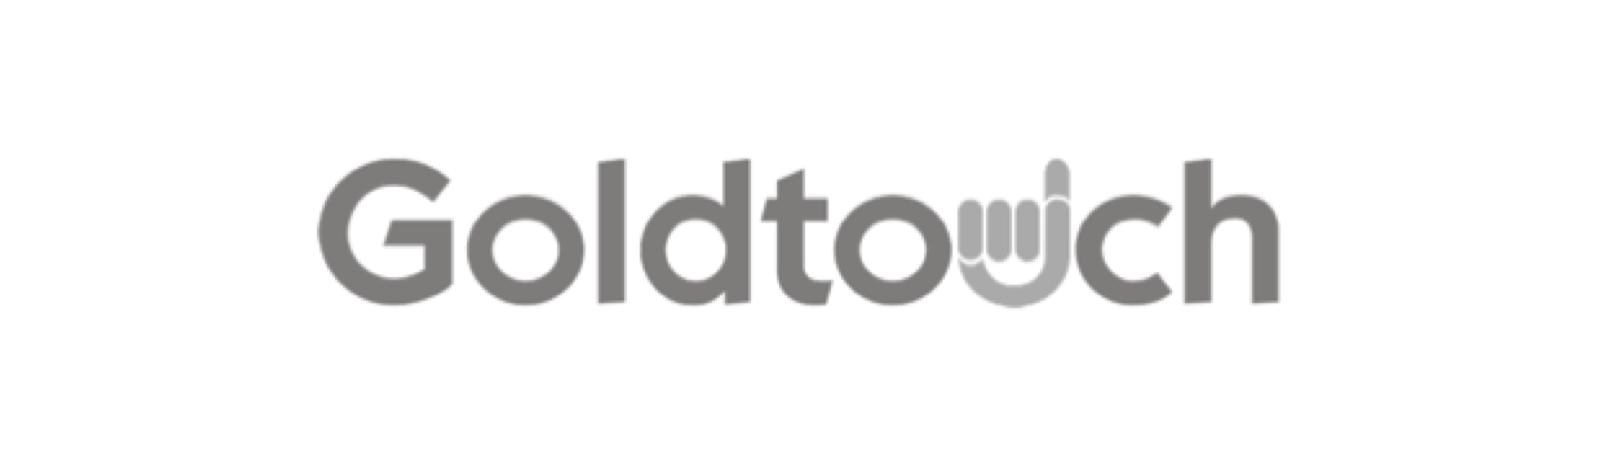 Goldtouch Technology Case Study Logo